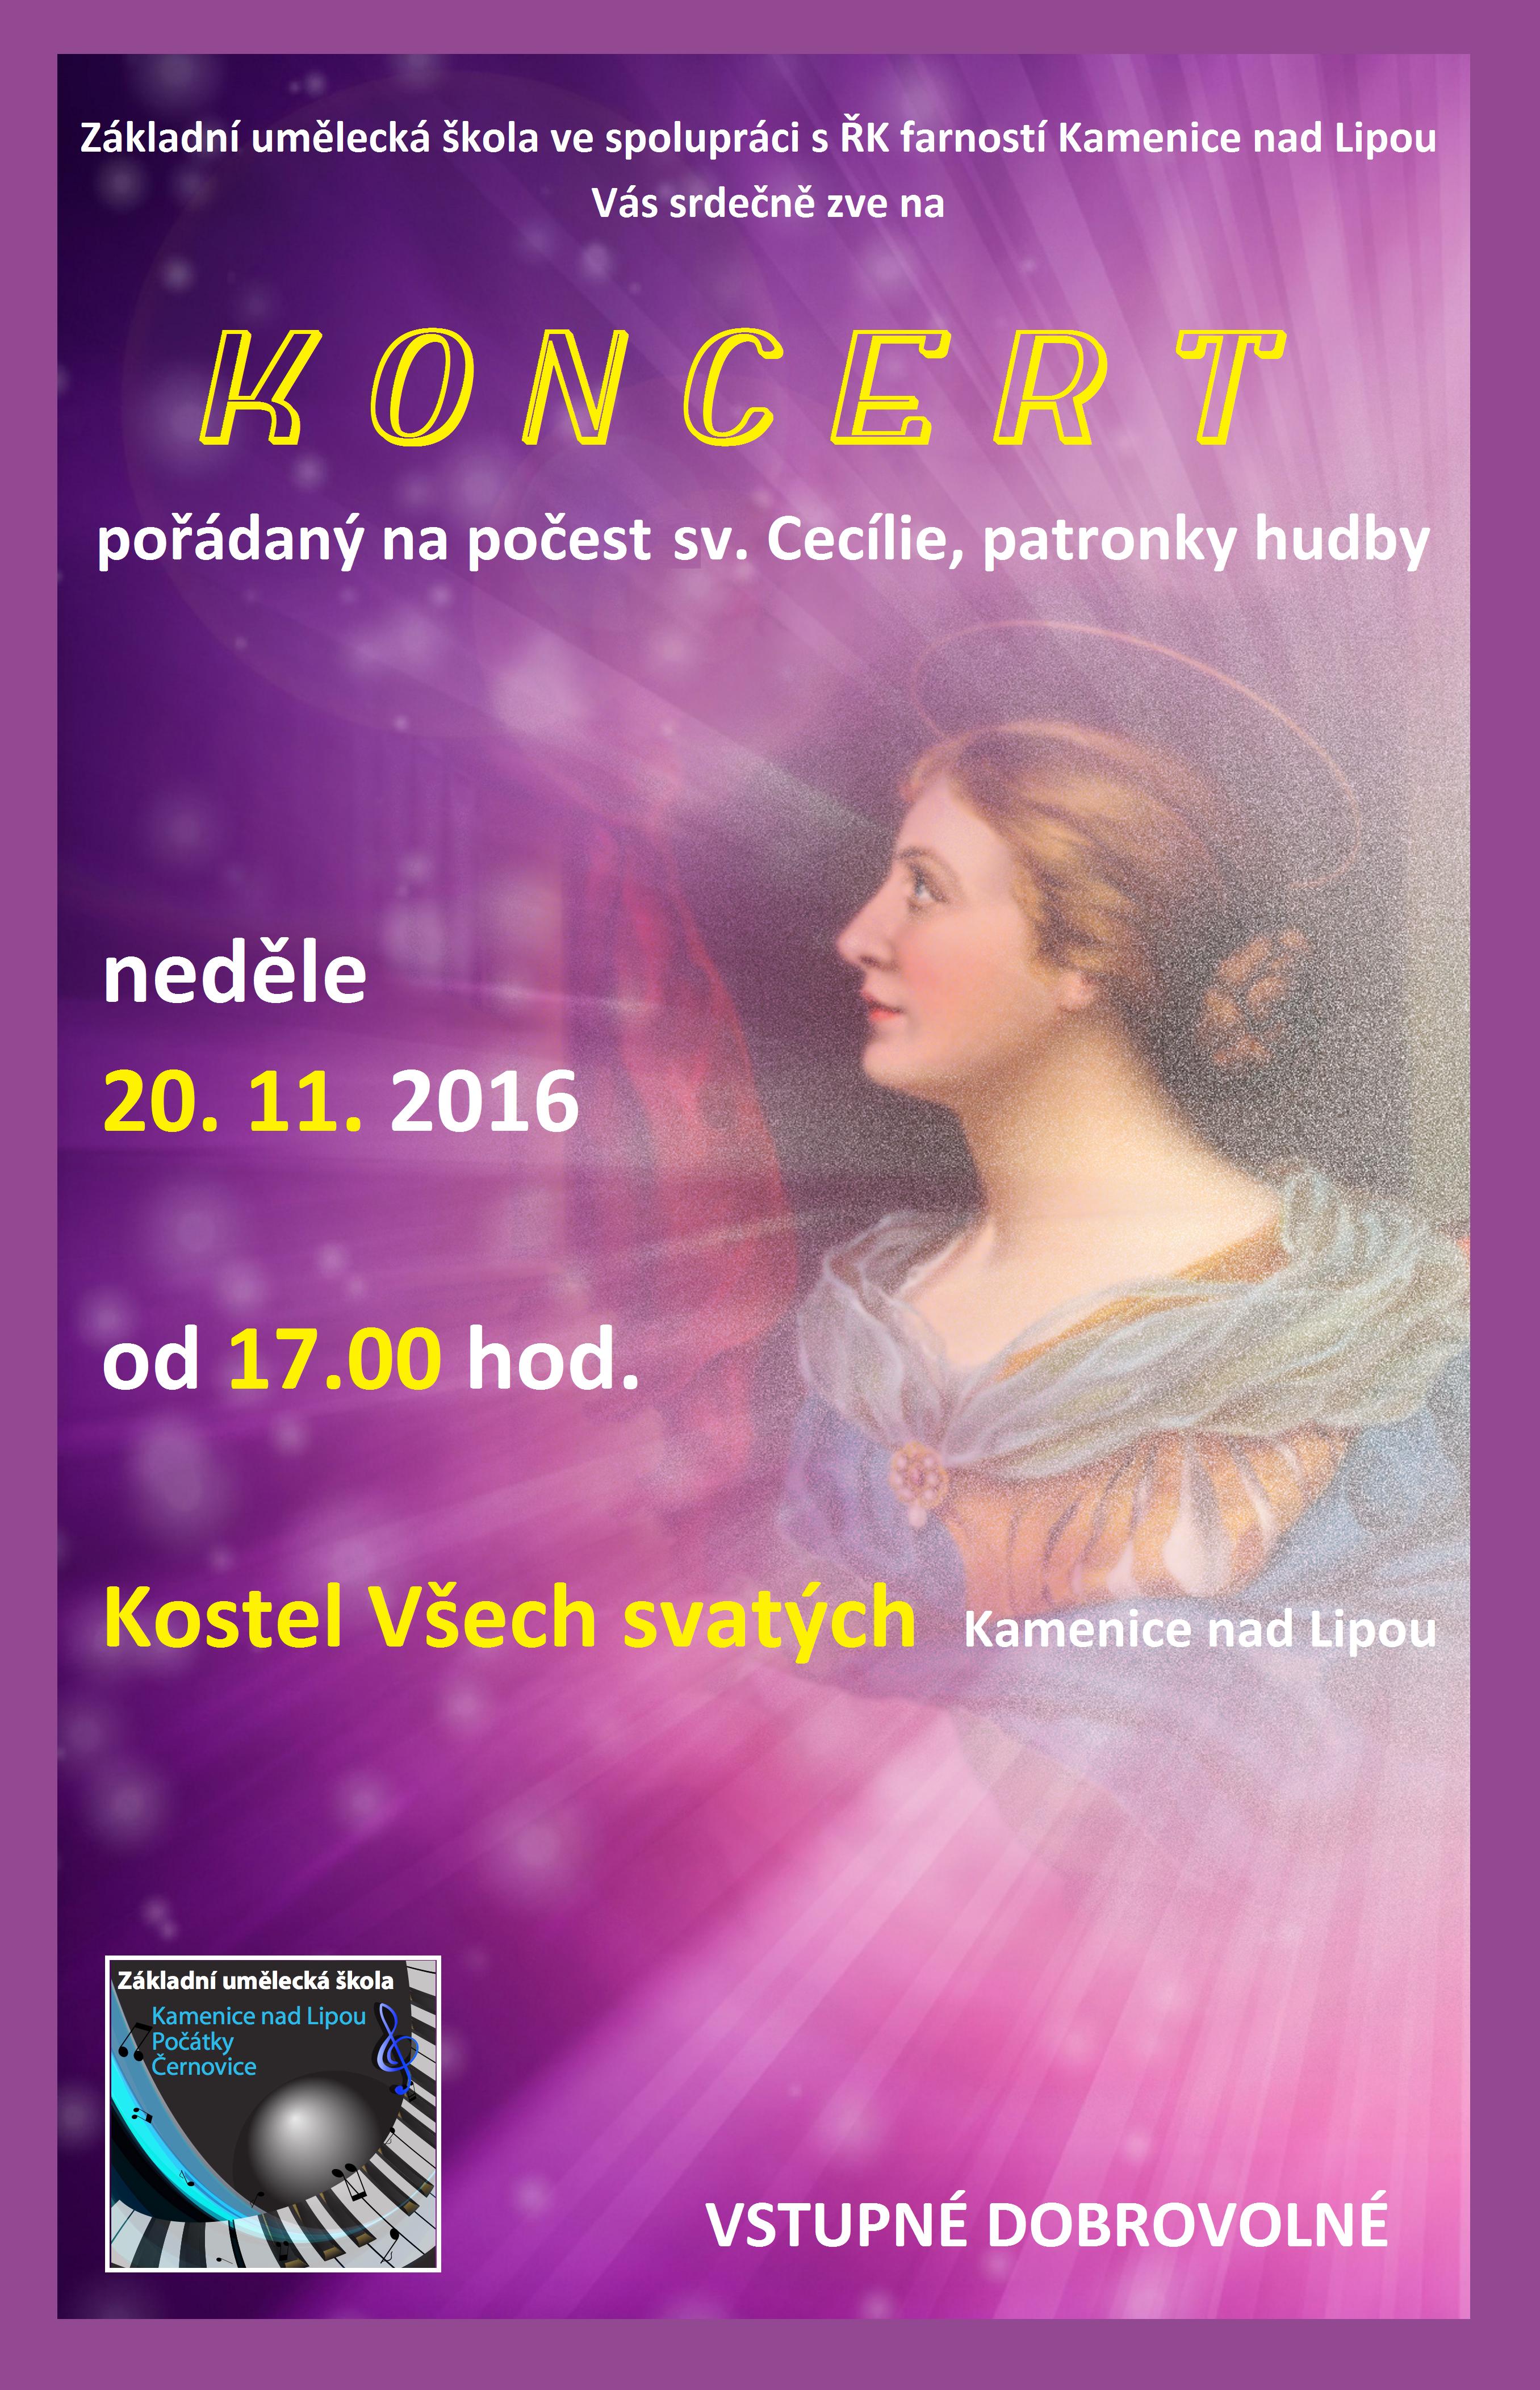 20. 11. 2016 - KONCERT - KAMENICE NAD LIPOU